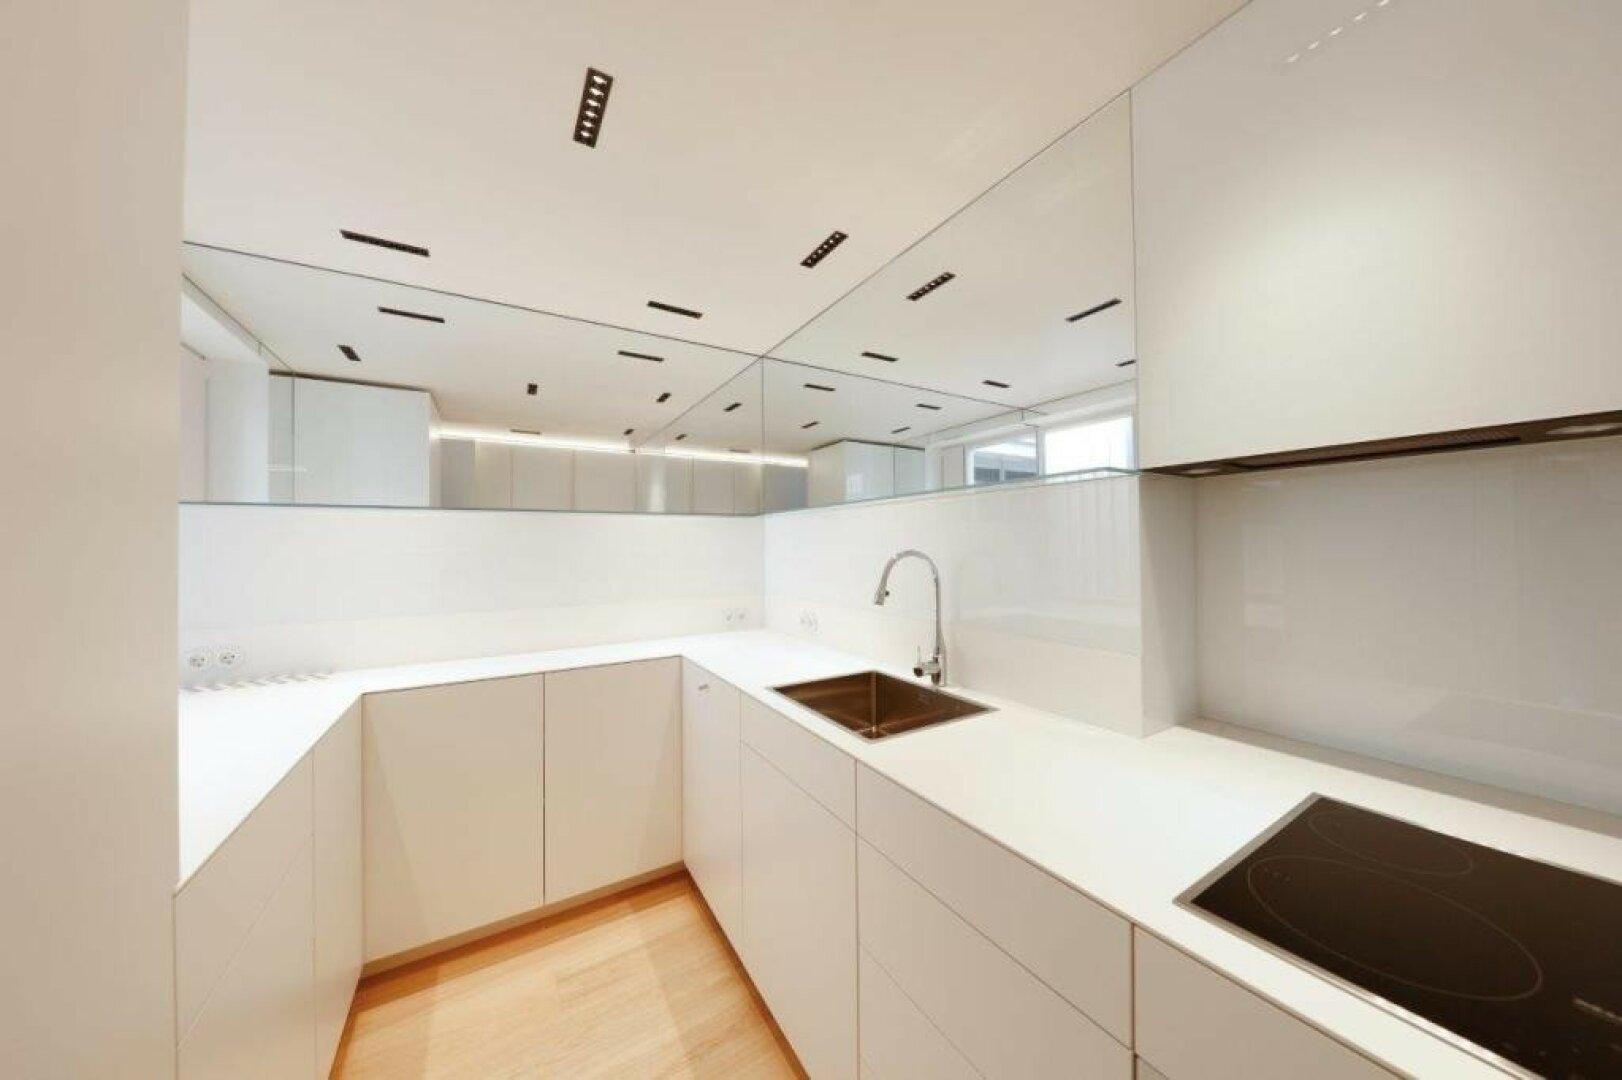 Moderne, stylische Küche mit Siemensgeräten